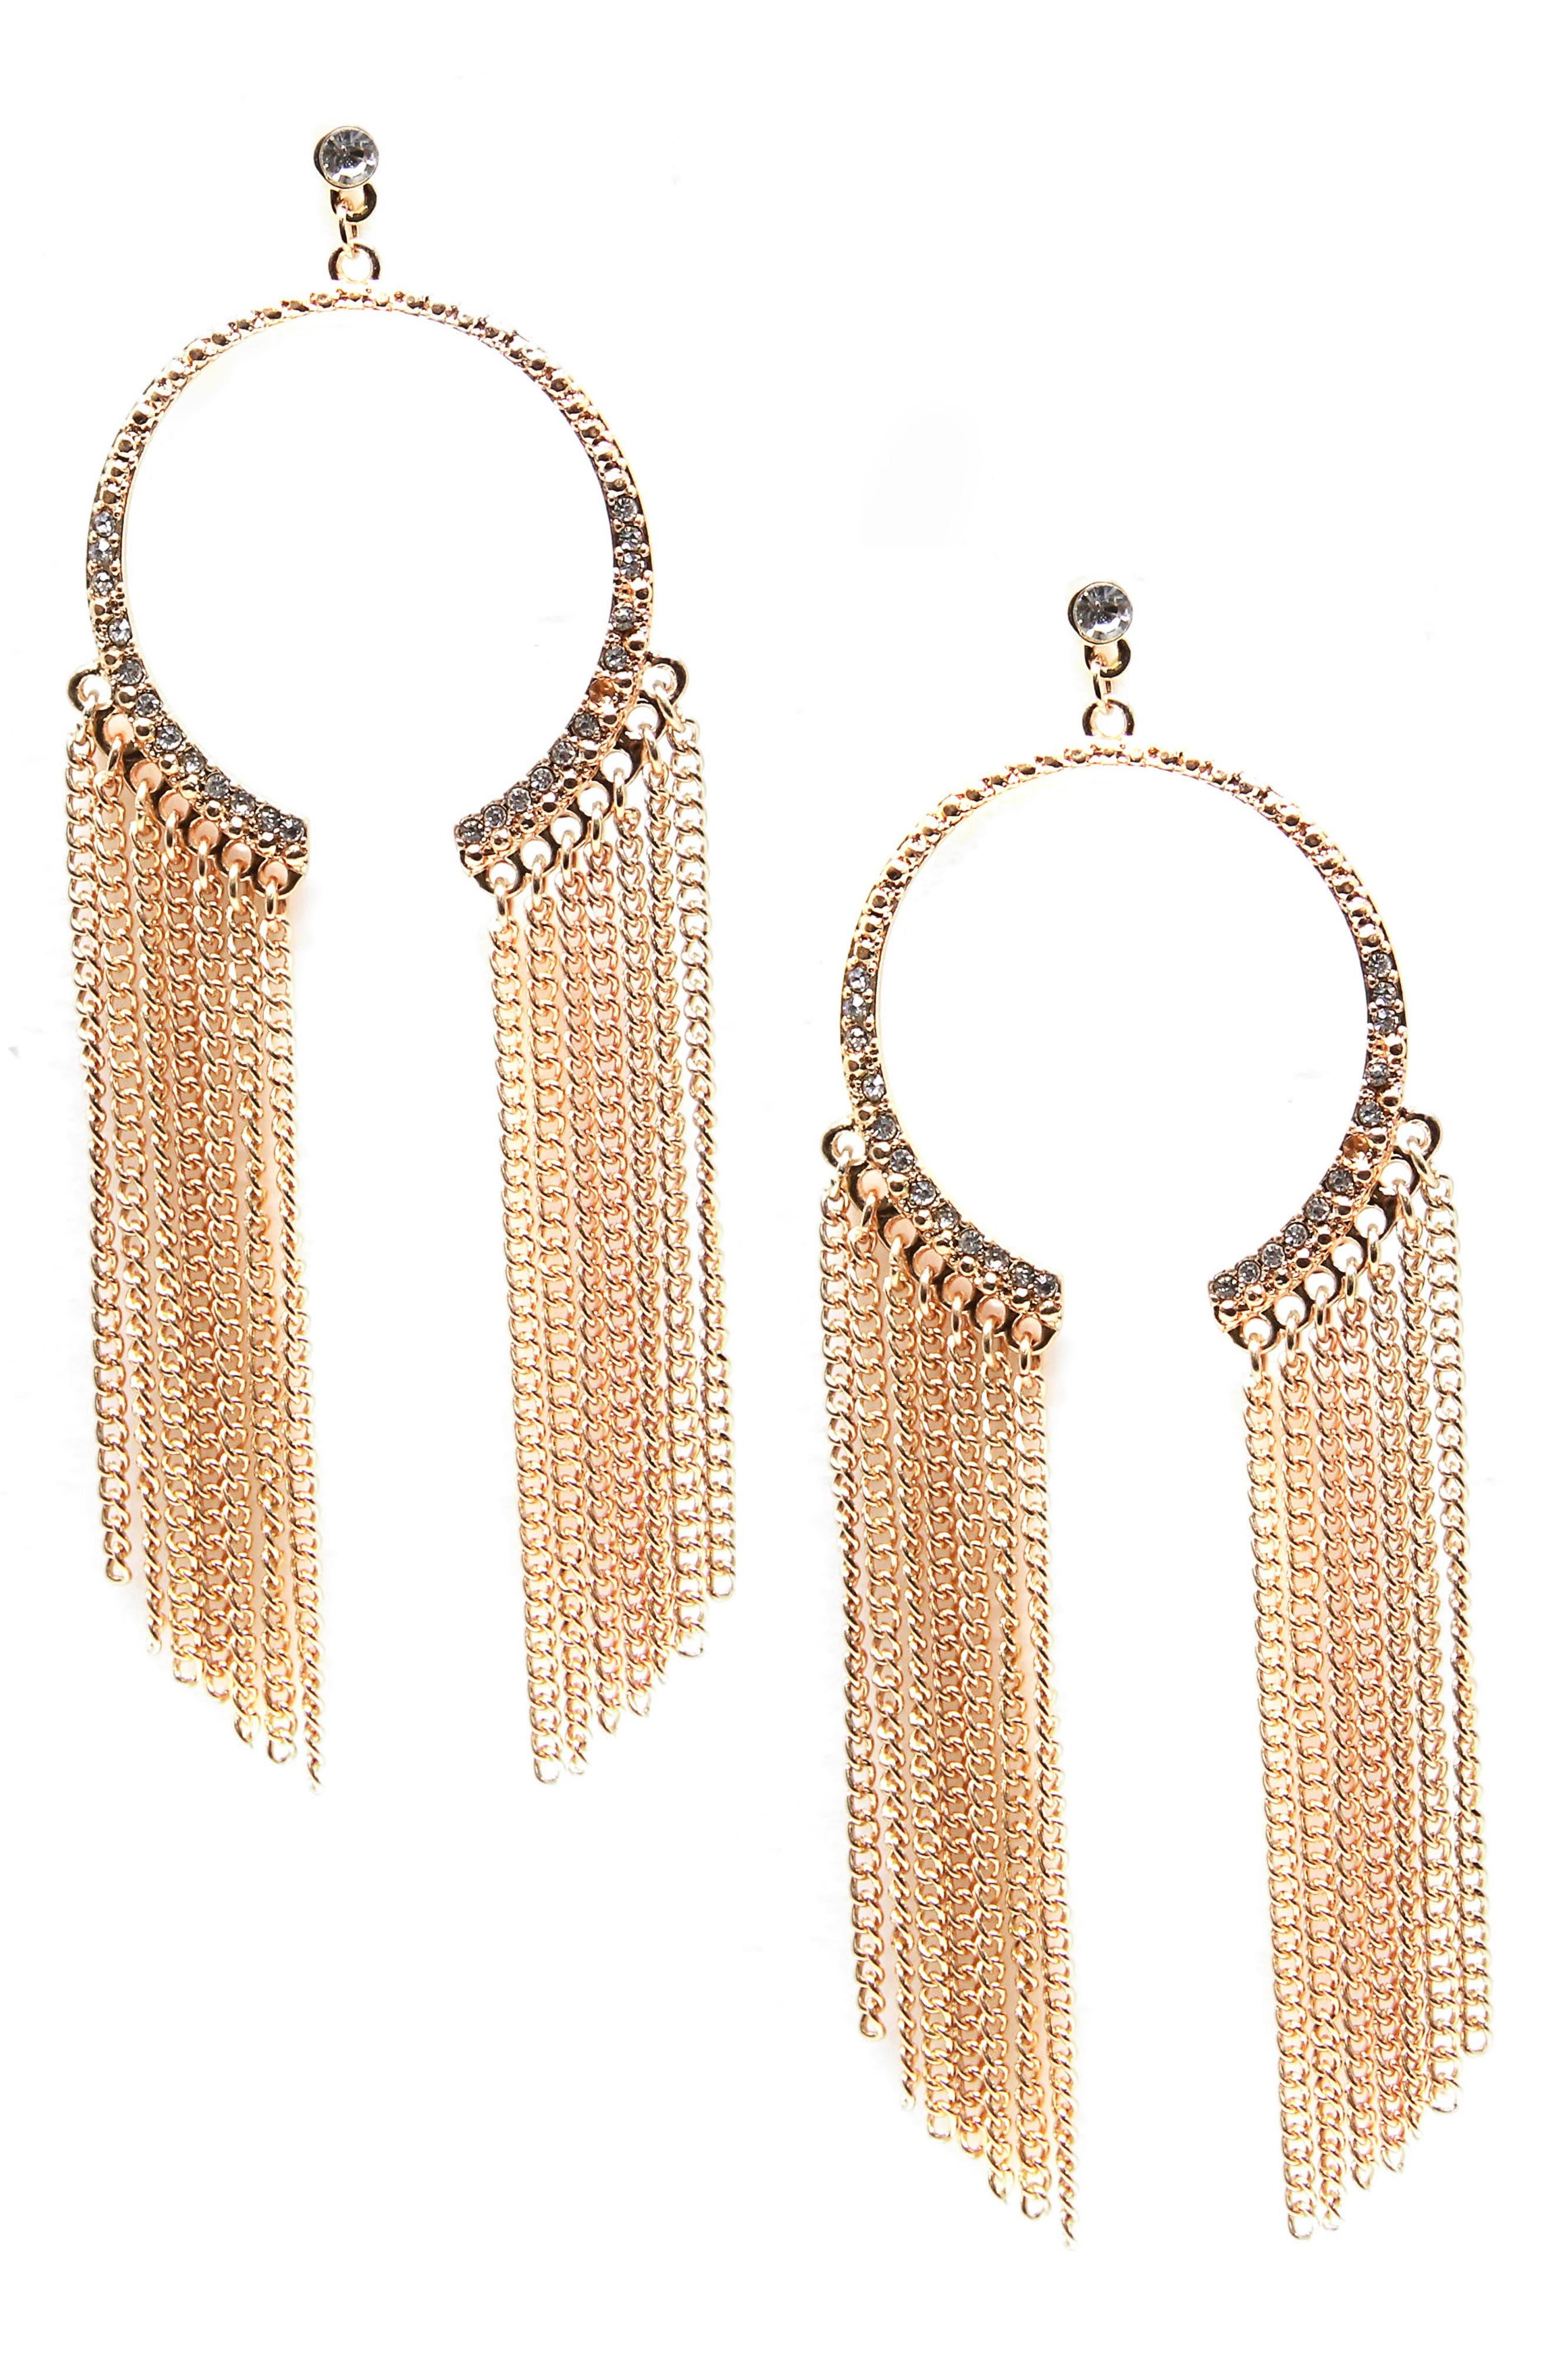 Alternate Image 1 Selected - Ettika Chain & Crystal Hoop Earrings